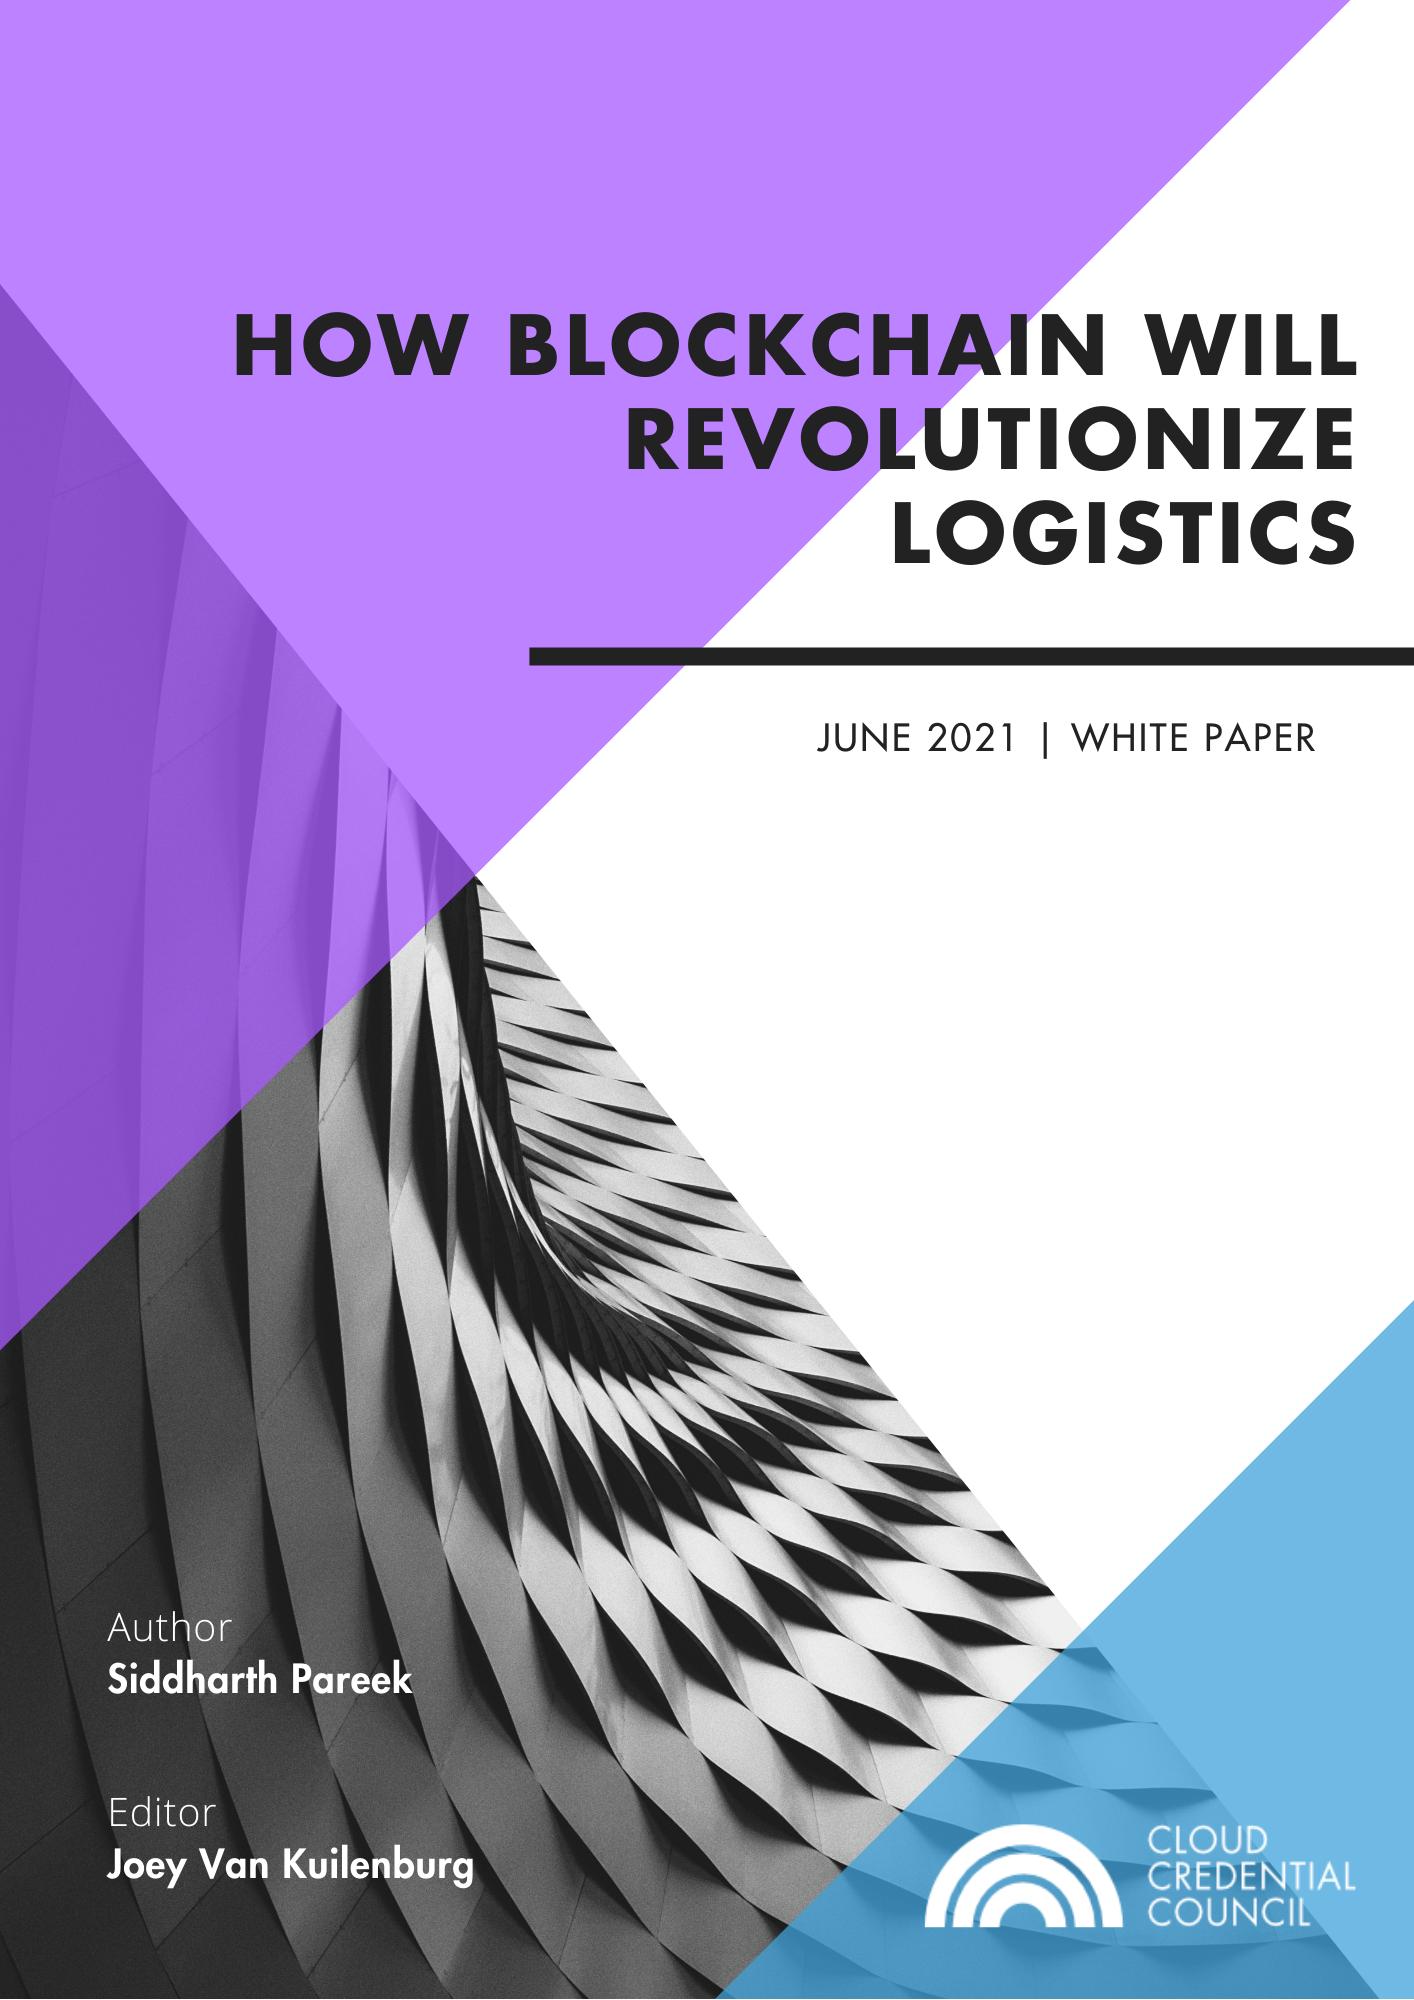 White Paper - How will Blockchain revolutionise logistics